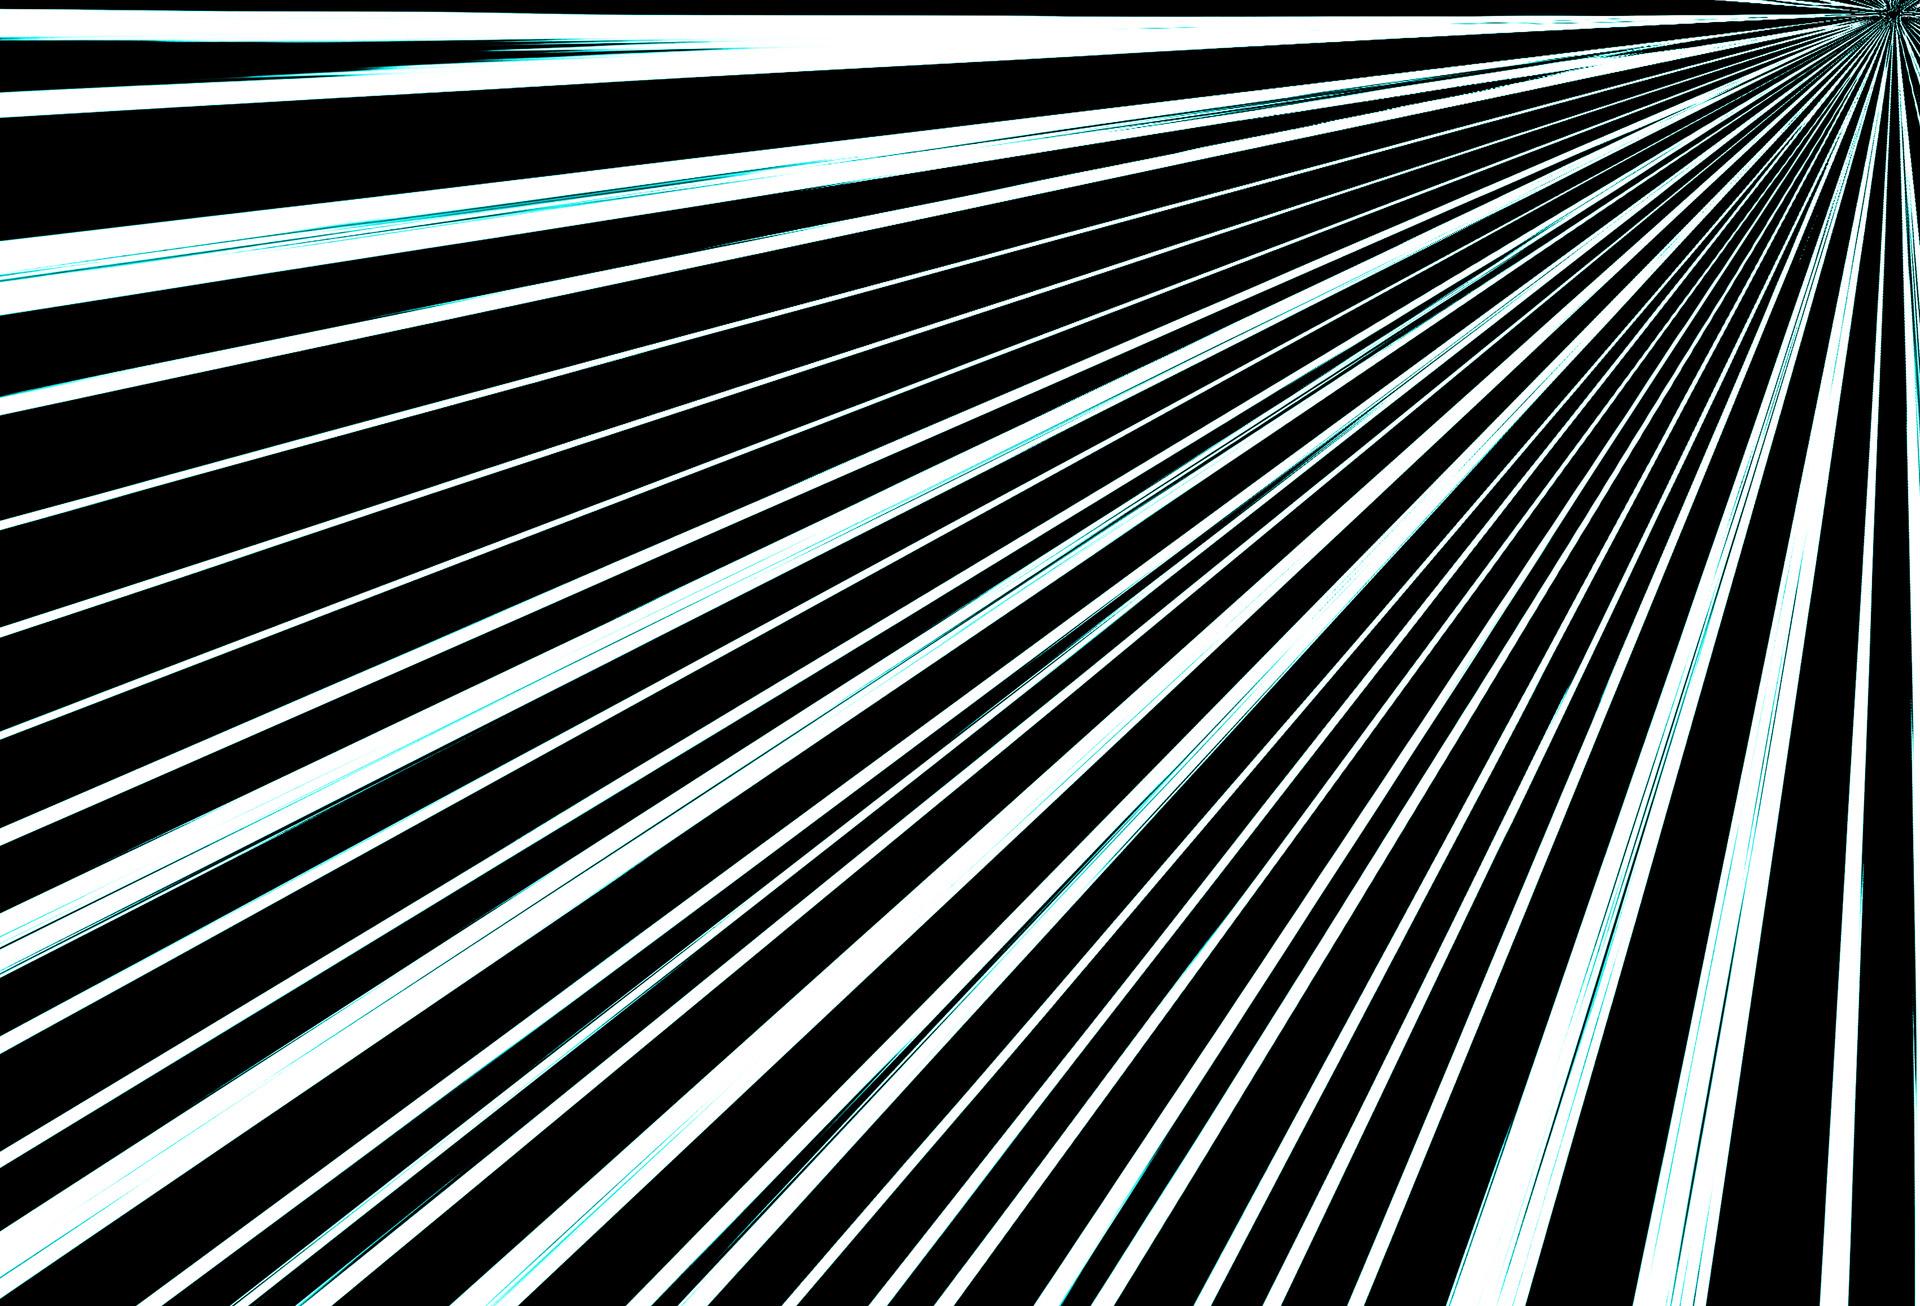 Эффект фото параллельные полосы по краям